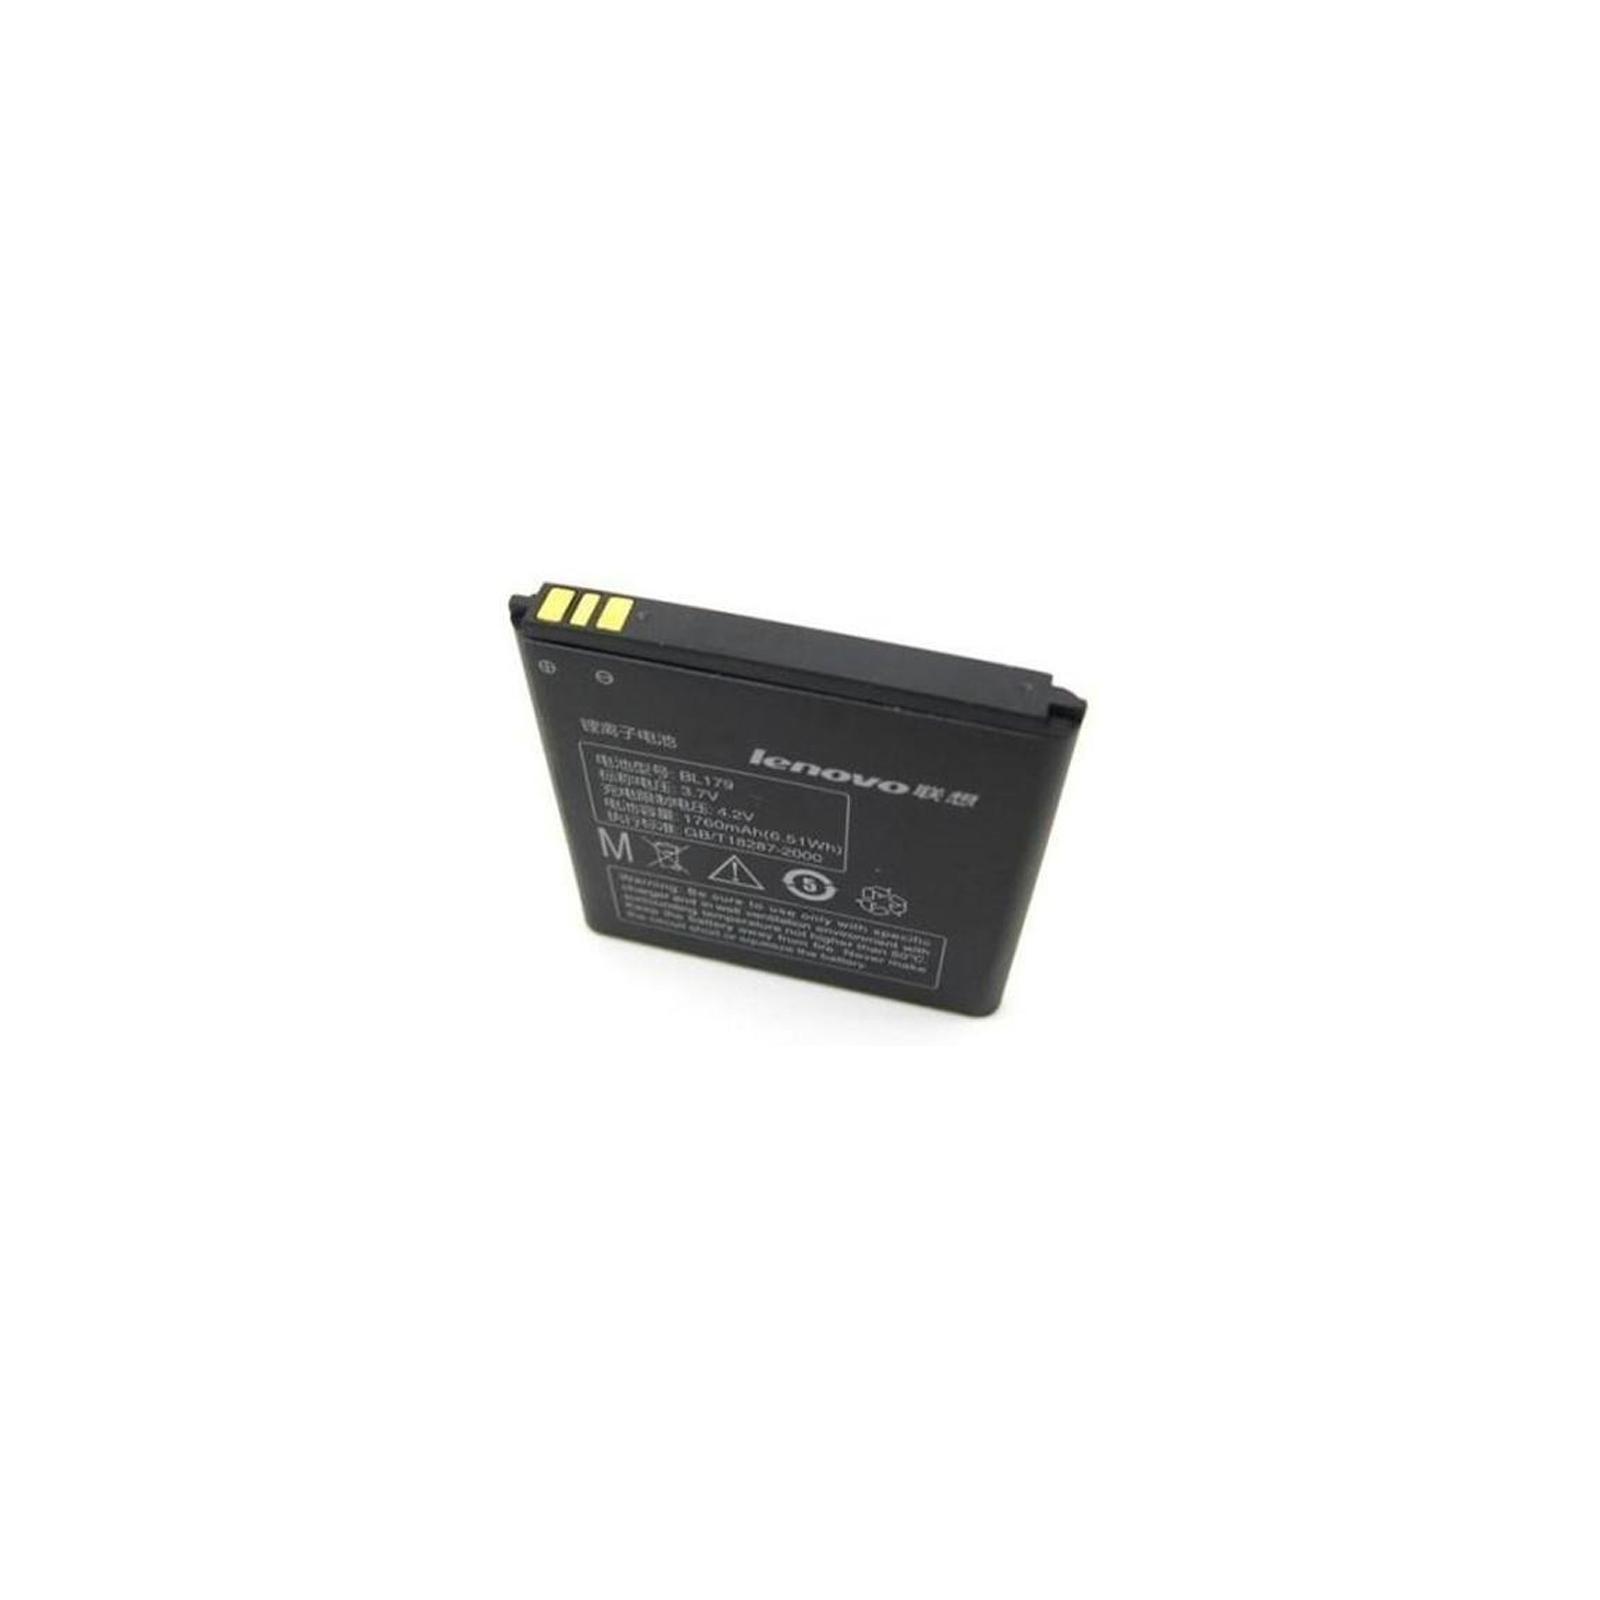 Аккумуляторная батарея Lenovo for A680 (BL-192 / 29718)